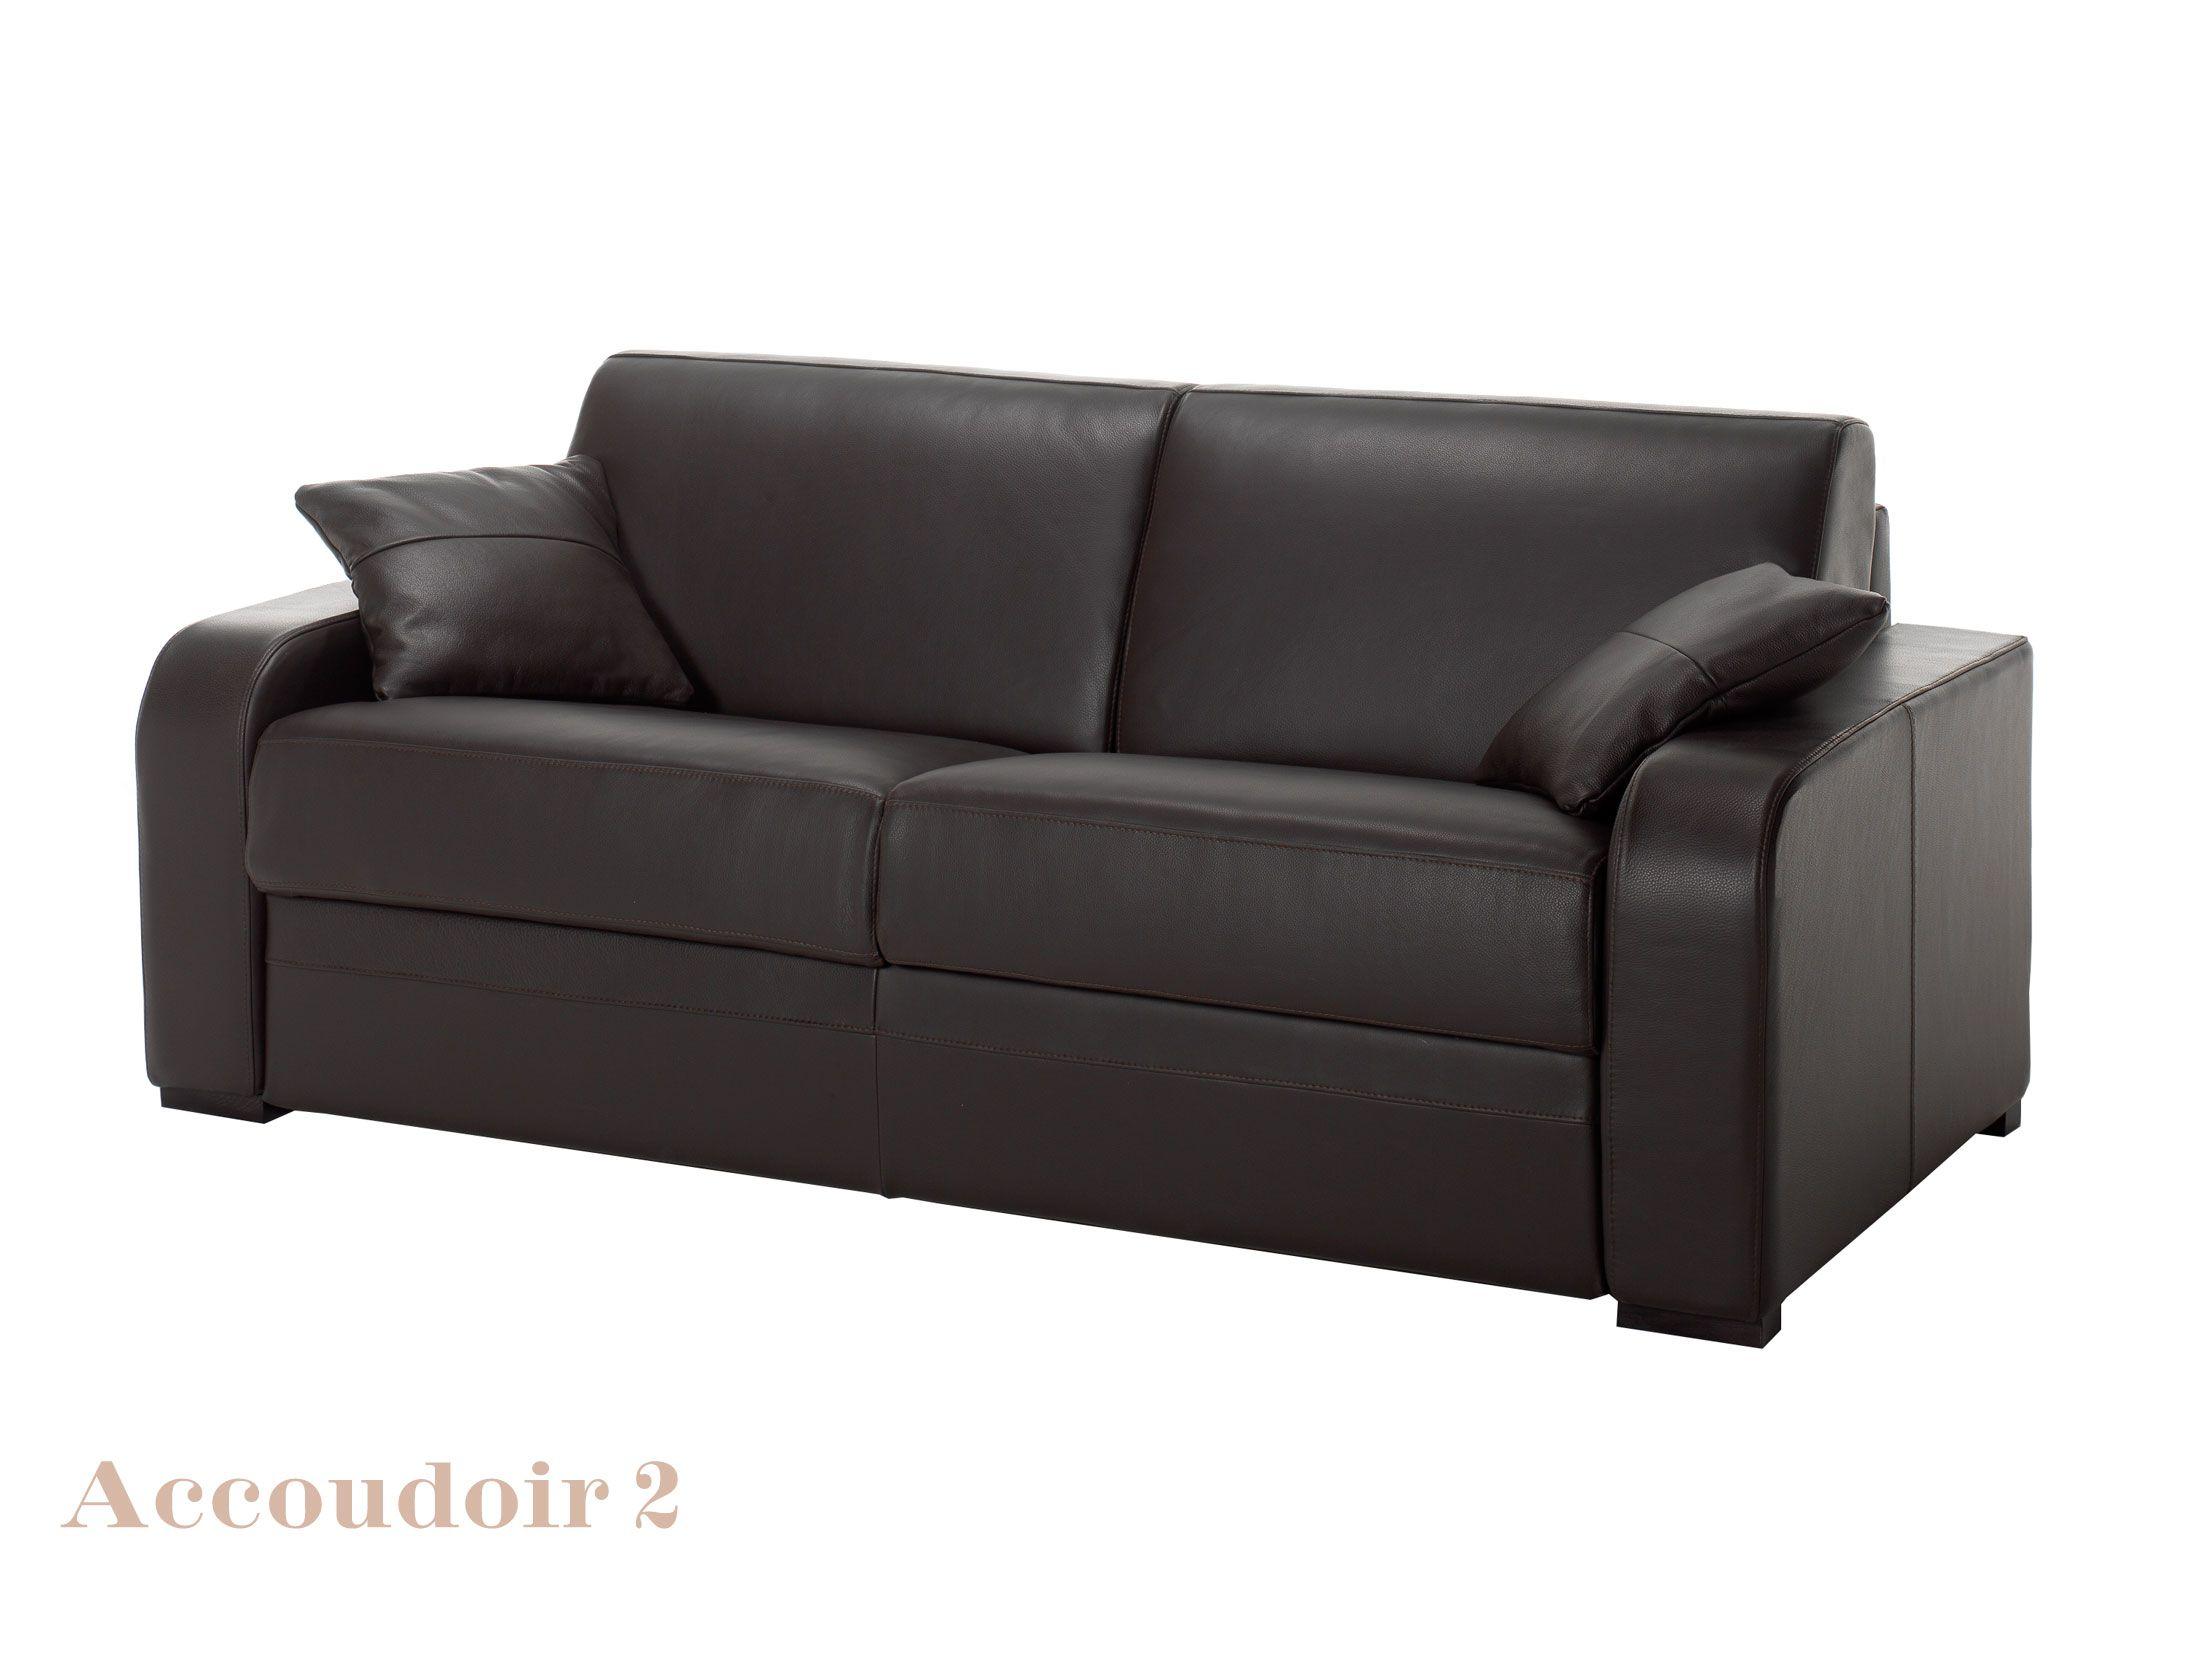 Canapé Cuir Noir Convertible Modèle Ischia CanapeplaceScom - Salon cuir noir